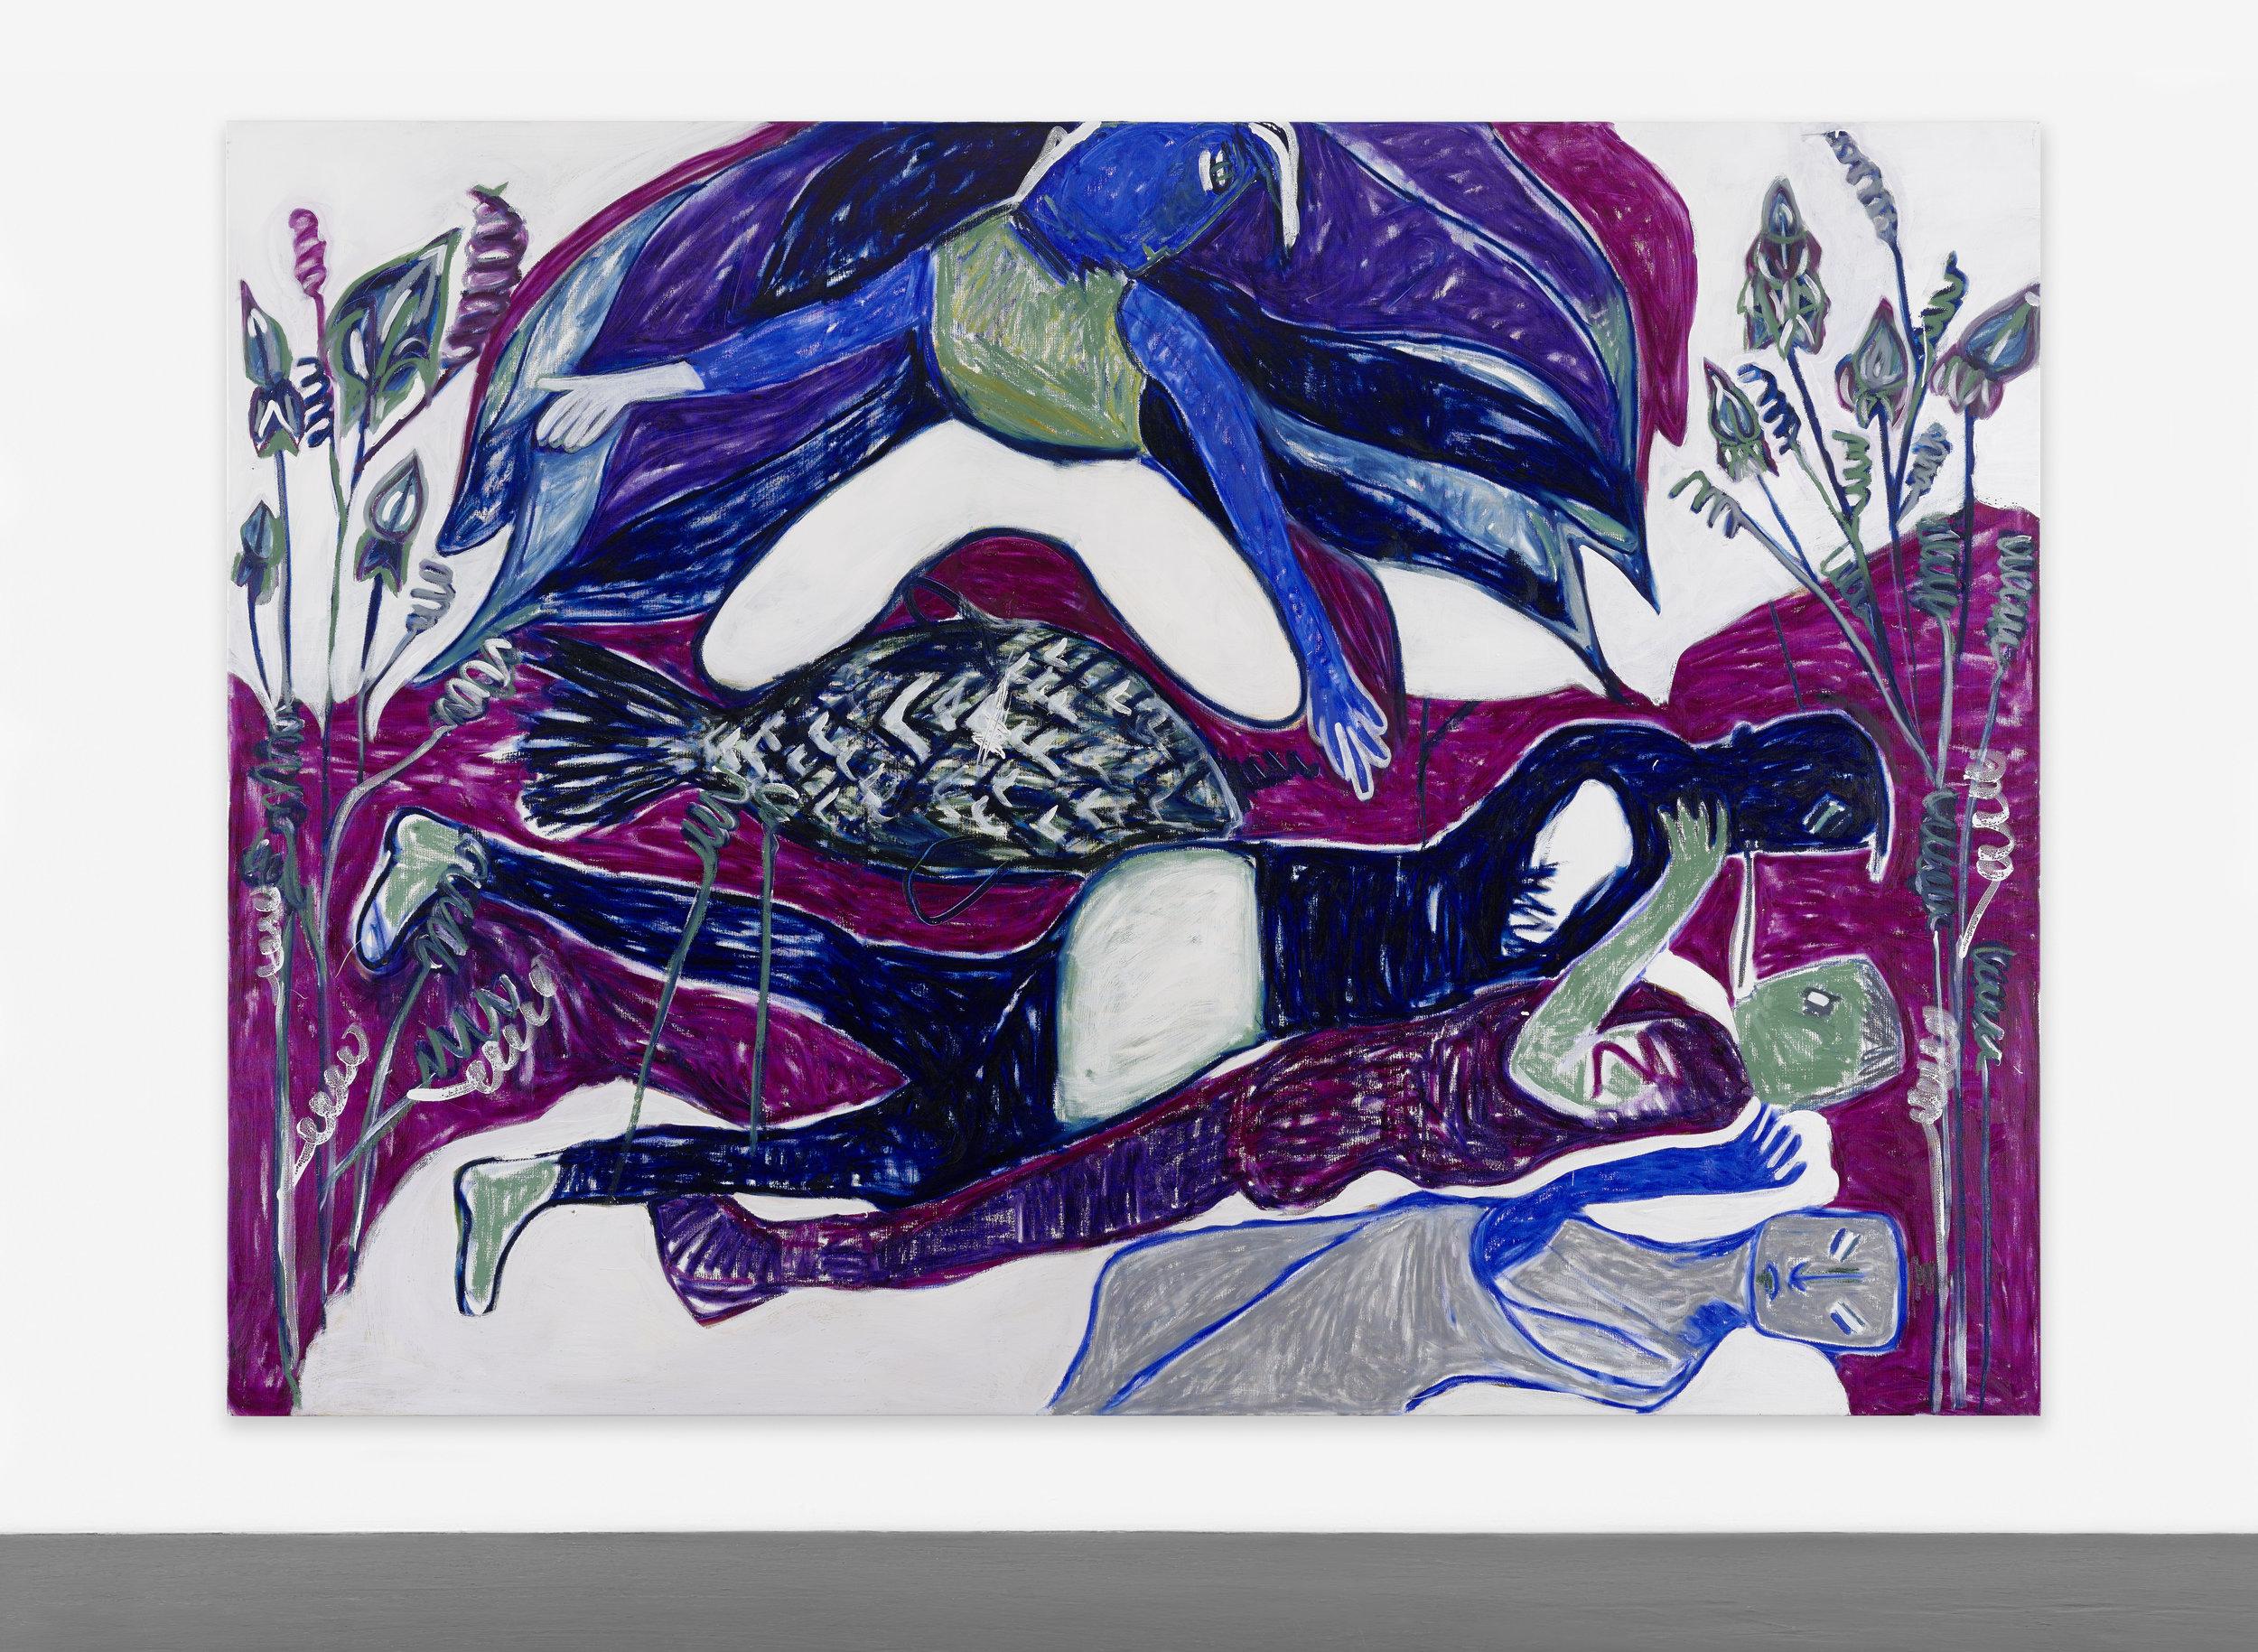 MELIKE KARA  (1985)  The Vegetable Lamb,  2015, acrílico y crayón de óleo sobre lienzo, 200 x 280, cortesía Peres Projects, Berlín.